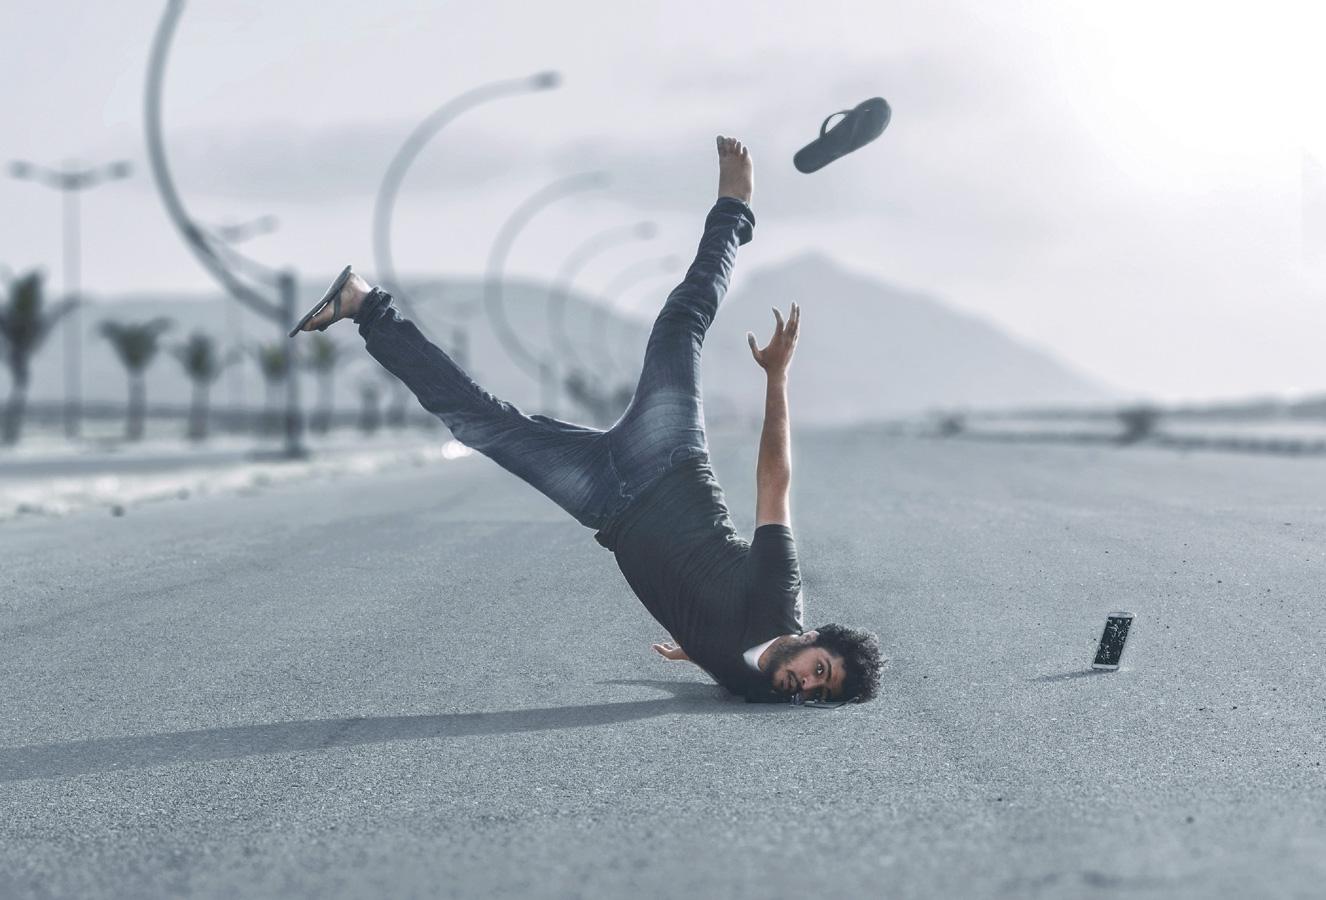 Рассеянность, Салем Саид Ба Вазир / Salem Saeed Ba Wazir, Йемен, 3 место в категории «Цифровая обработка», Фотоконкурс HIPA